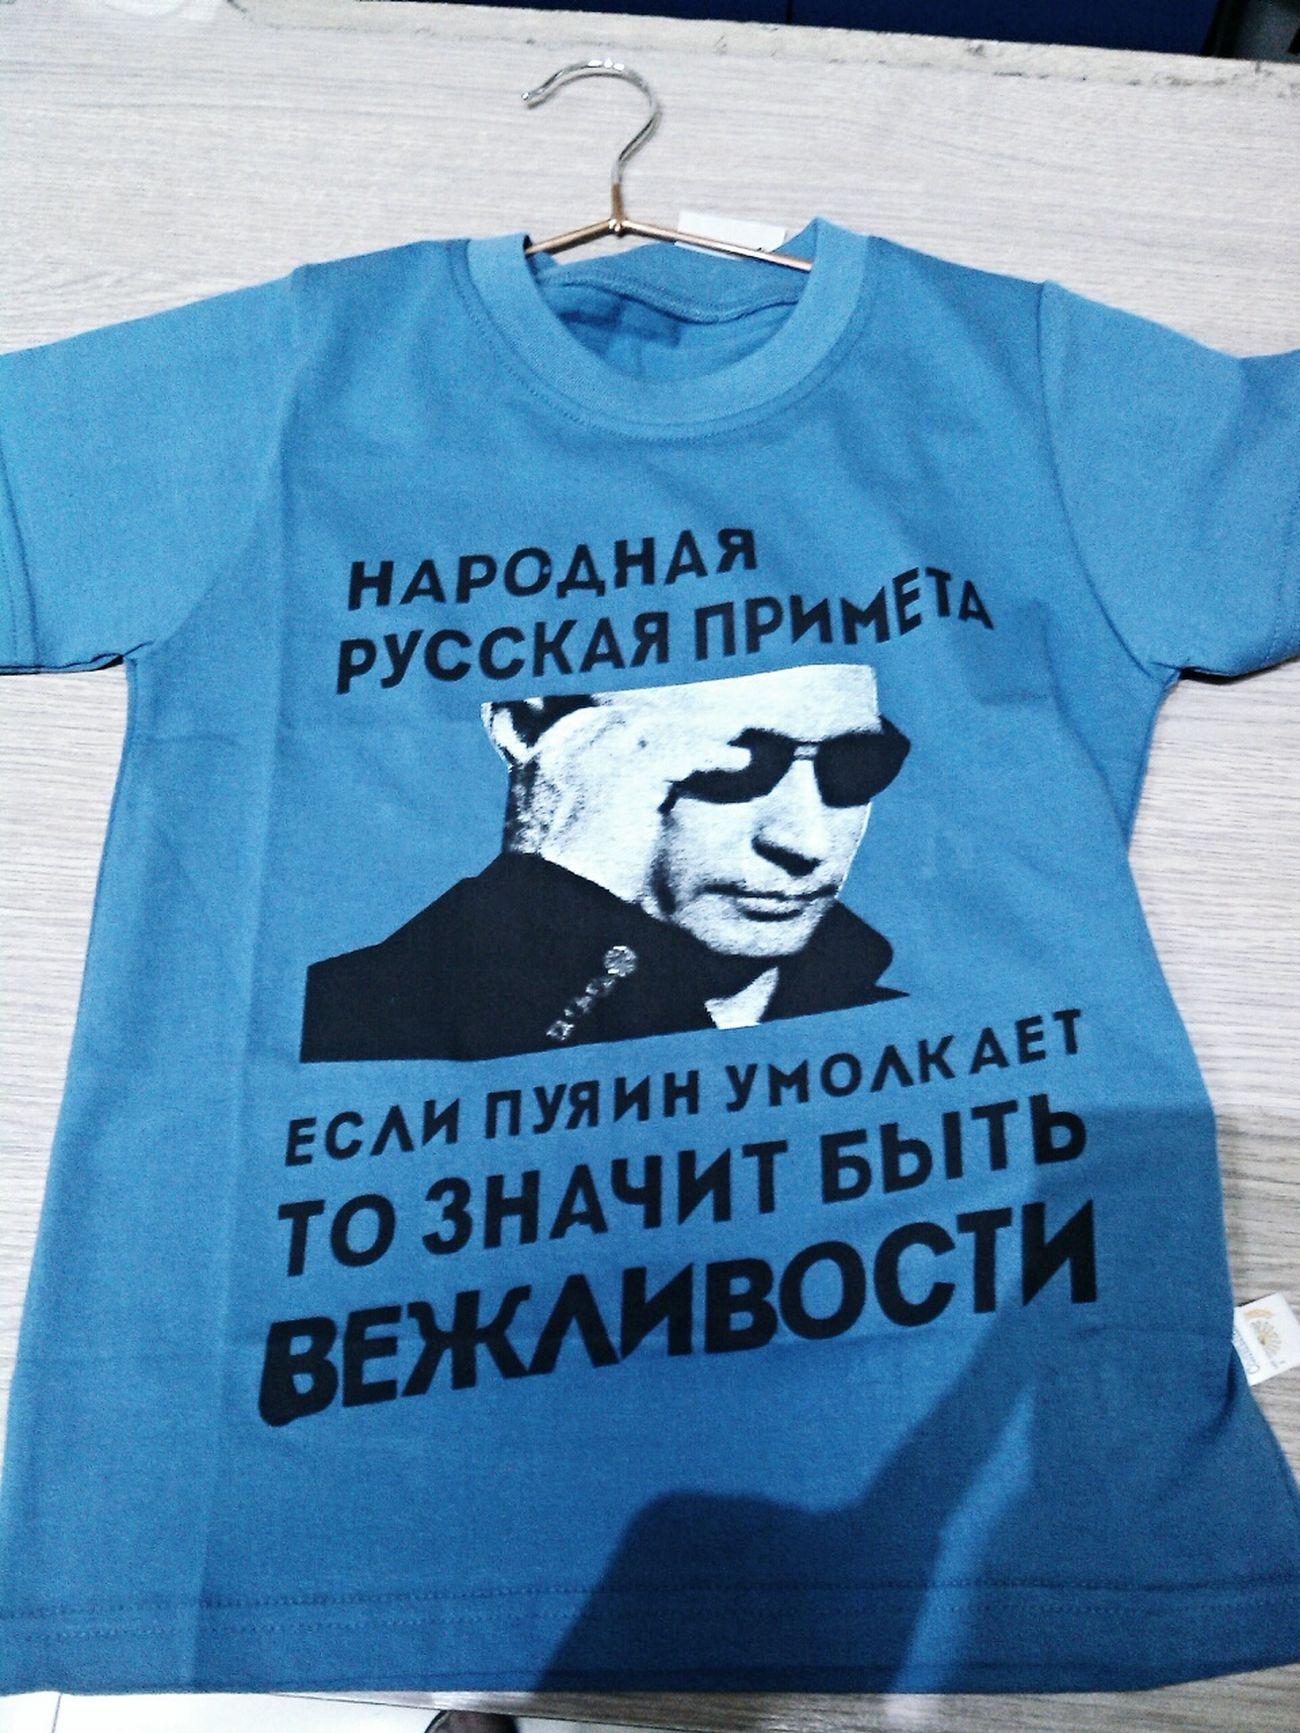 Путинтакойпутин